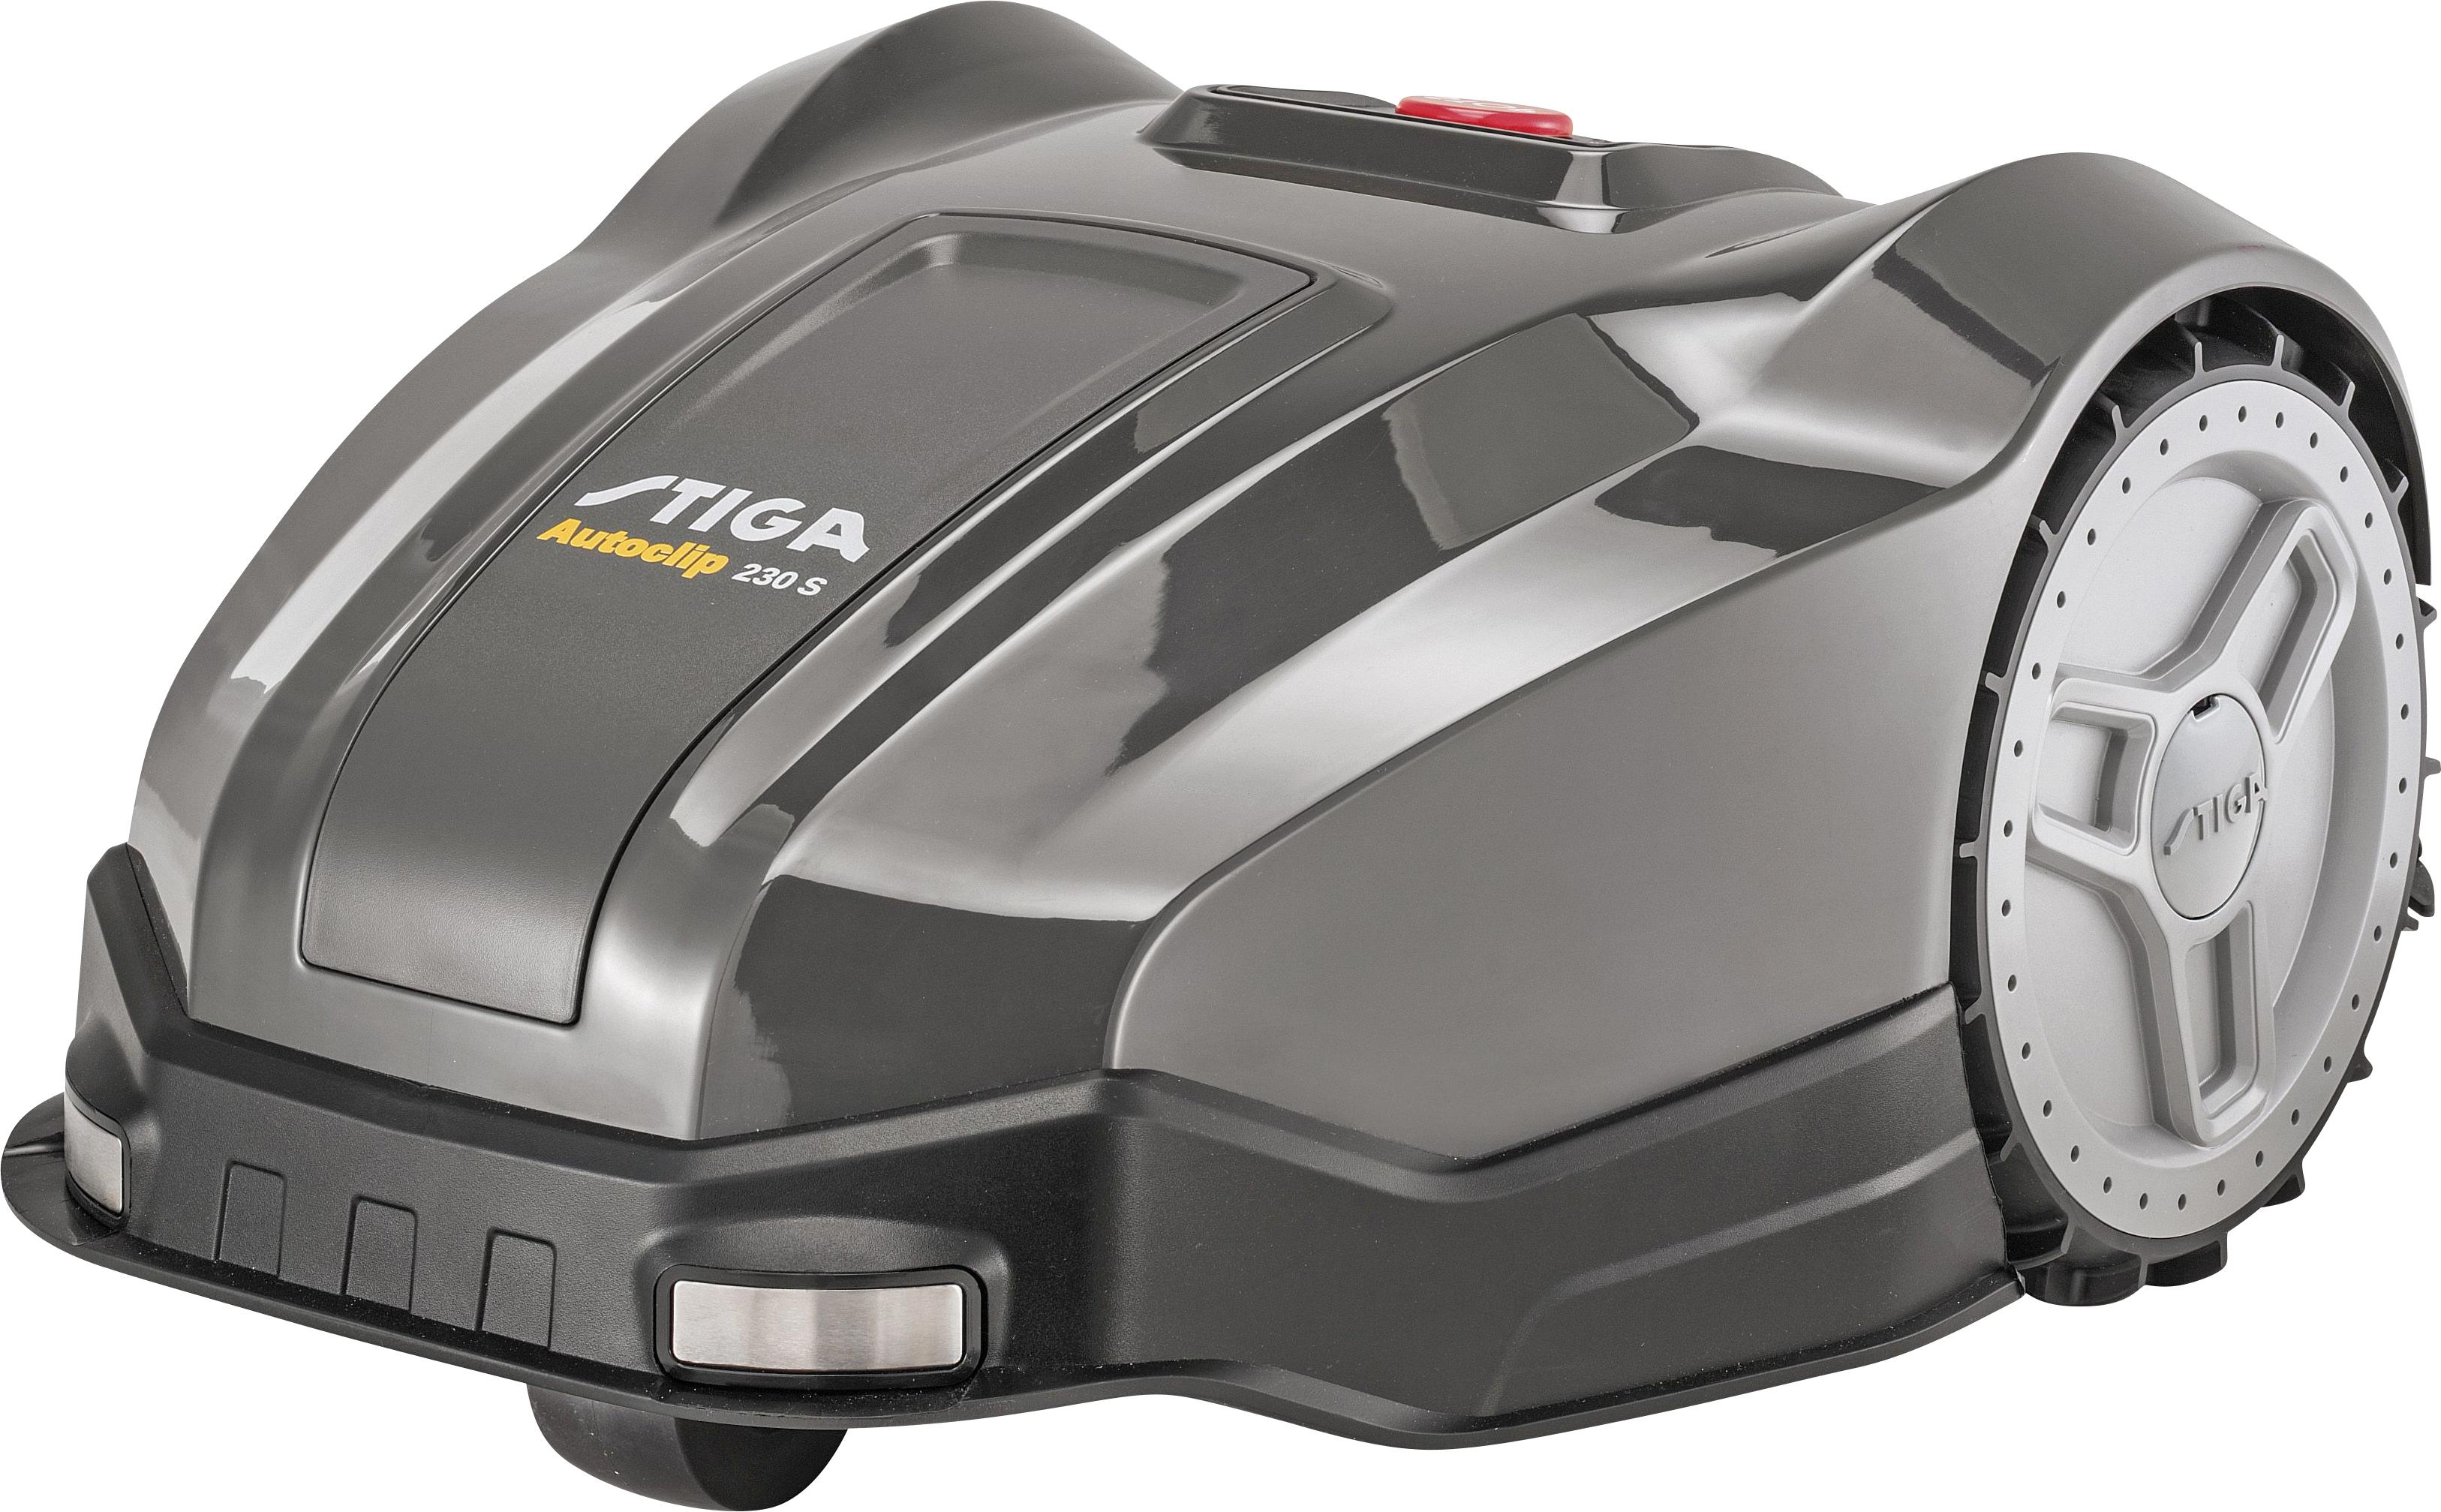 Robotgräsklippare Stiga Autoclip 230 S